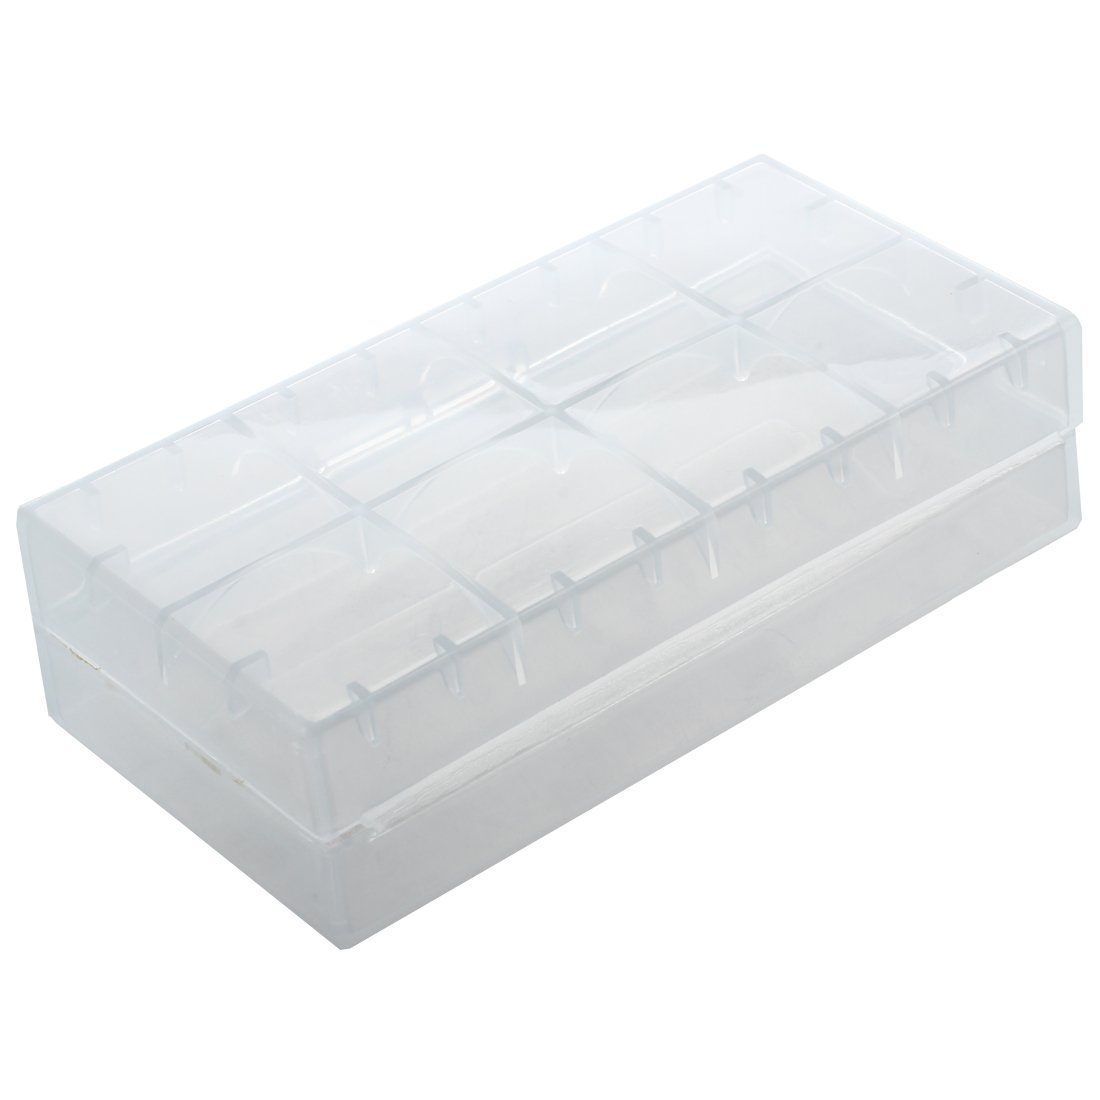 REFURBISHHOUSE Caja para Pila Bateria 18650 Portapila Portabateria Transparente